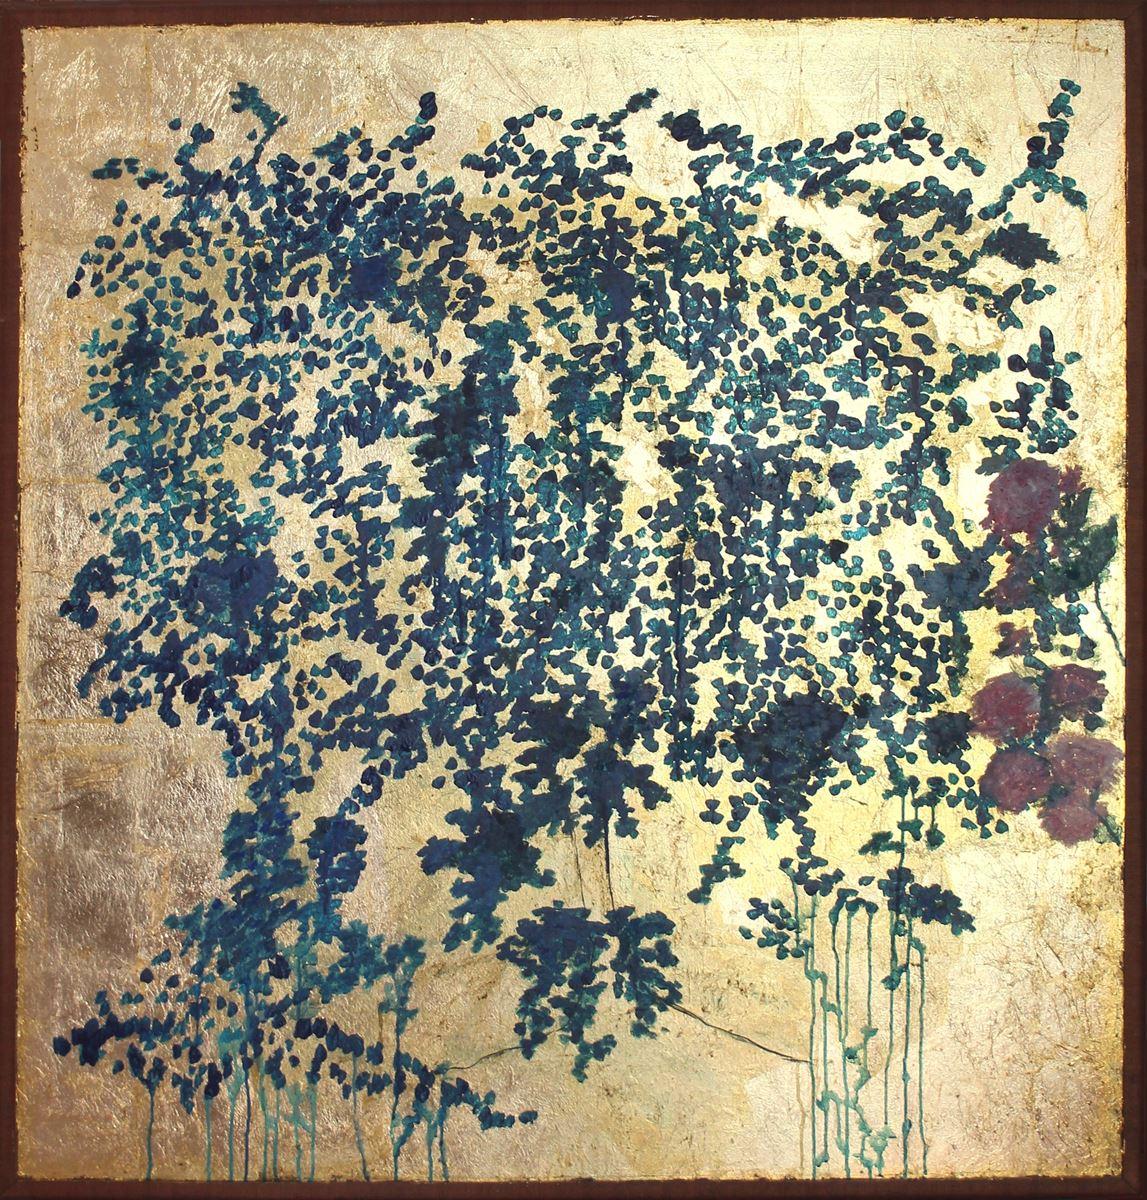 Jardin japonais. Tehnică mixtă pe lemn. 134 x 129 cm